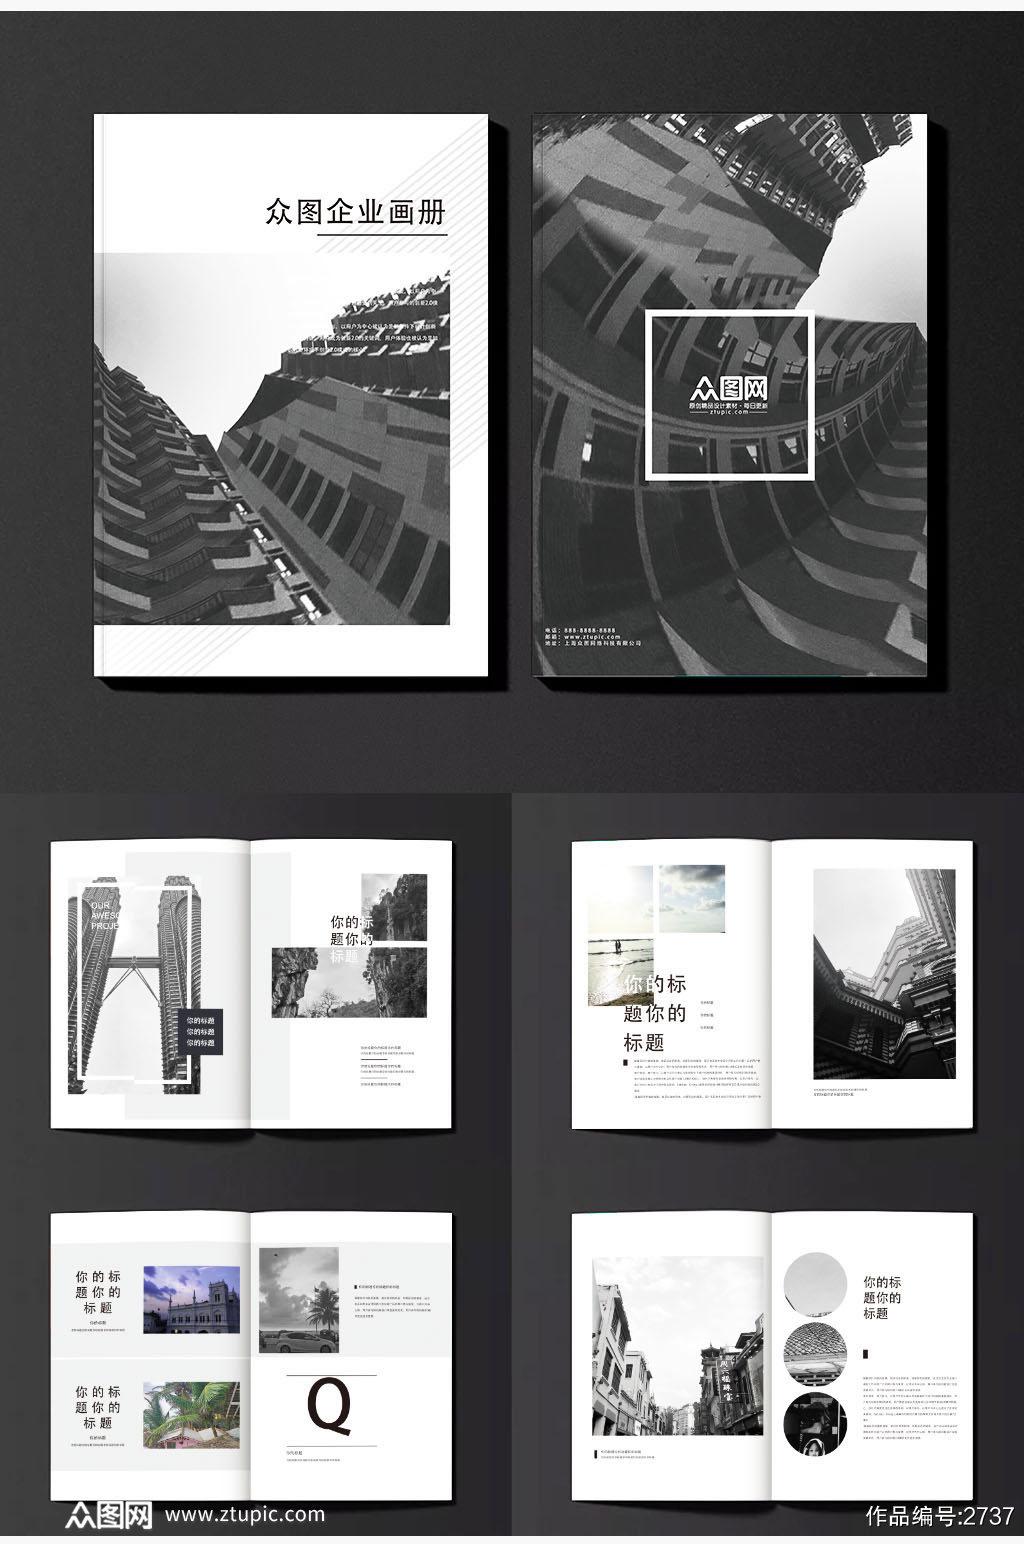 时尚大气的企业画册设计素材